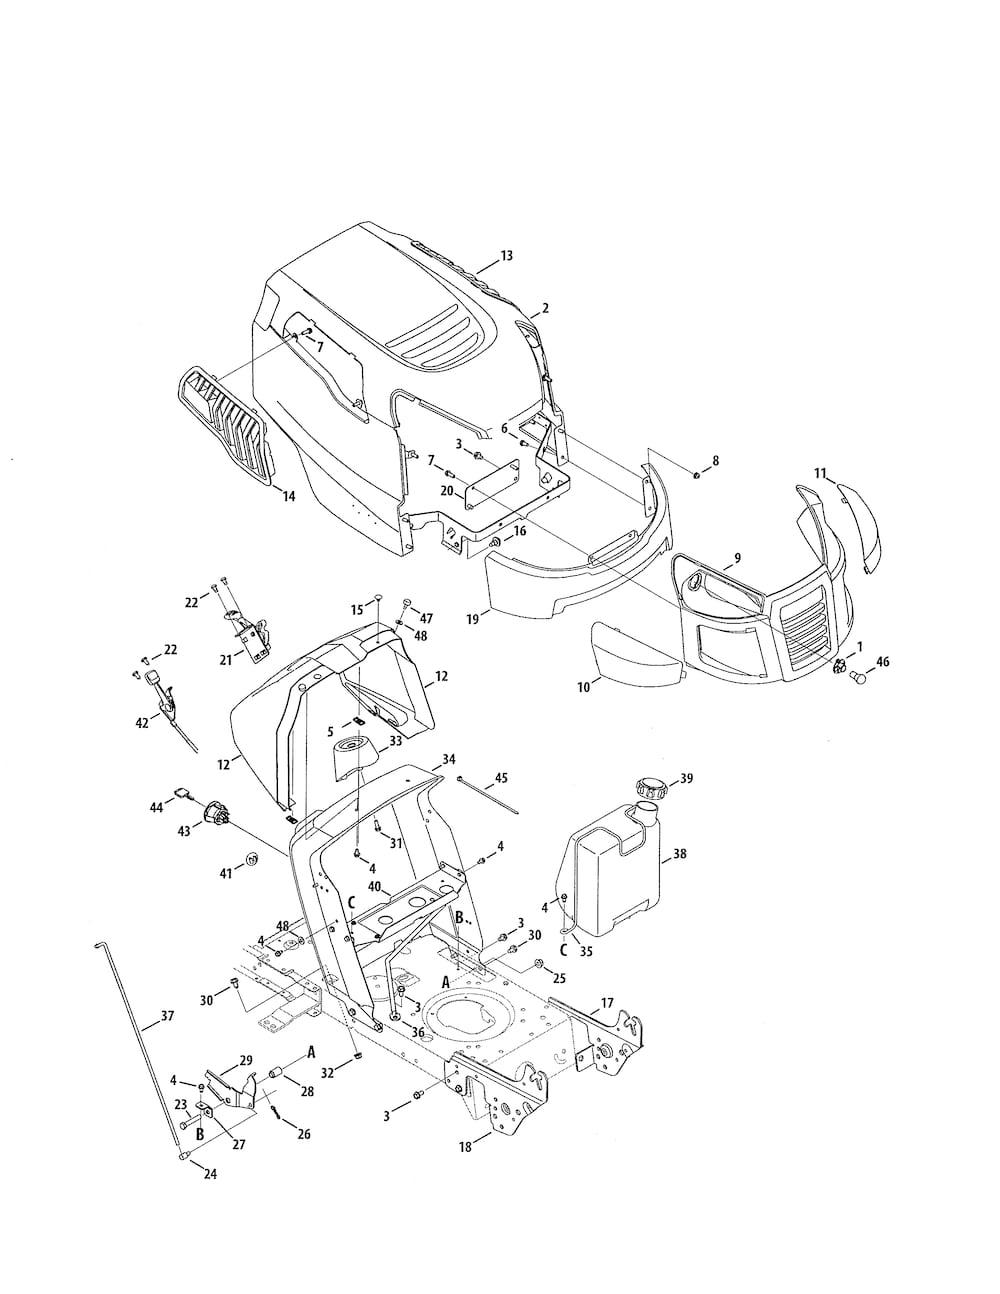 Craftsman 24728885 lawn tractor